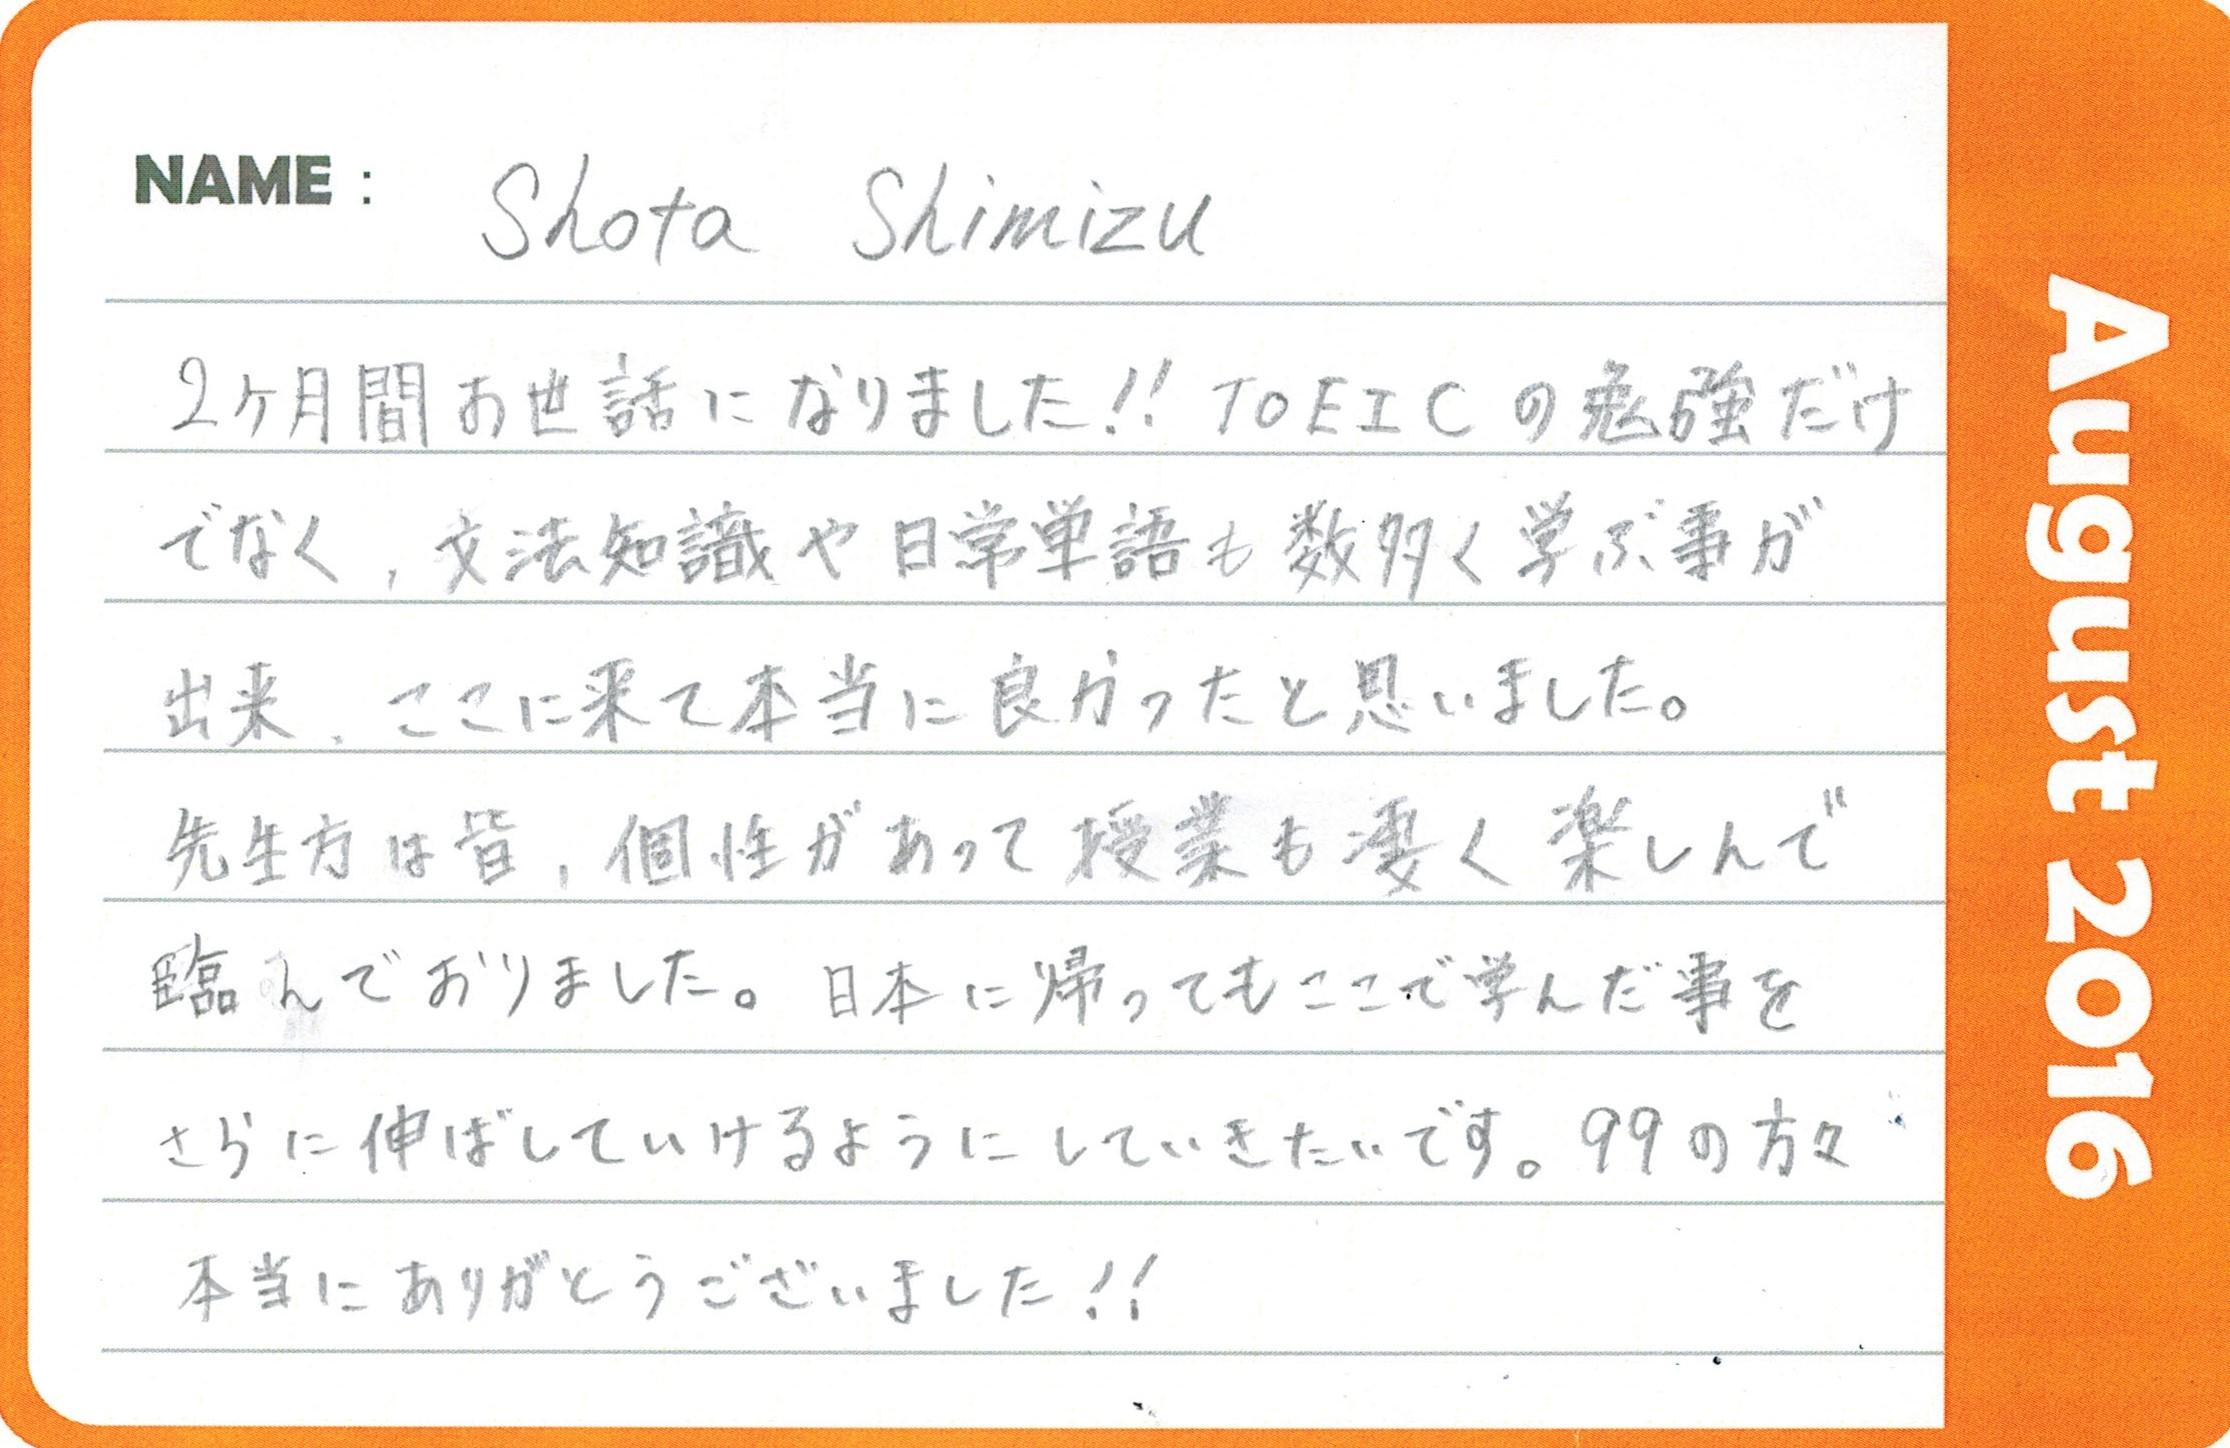 shota-shimizu